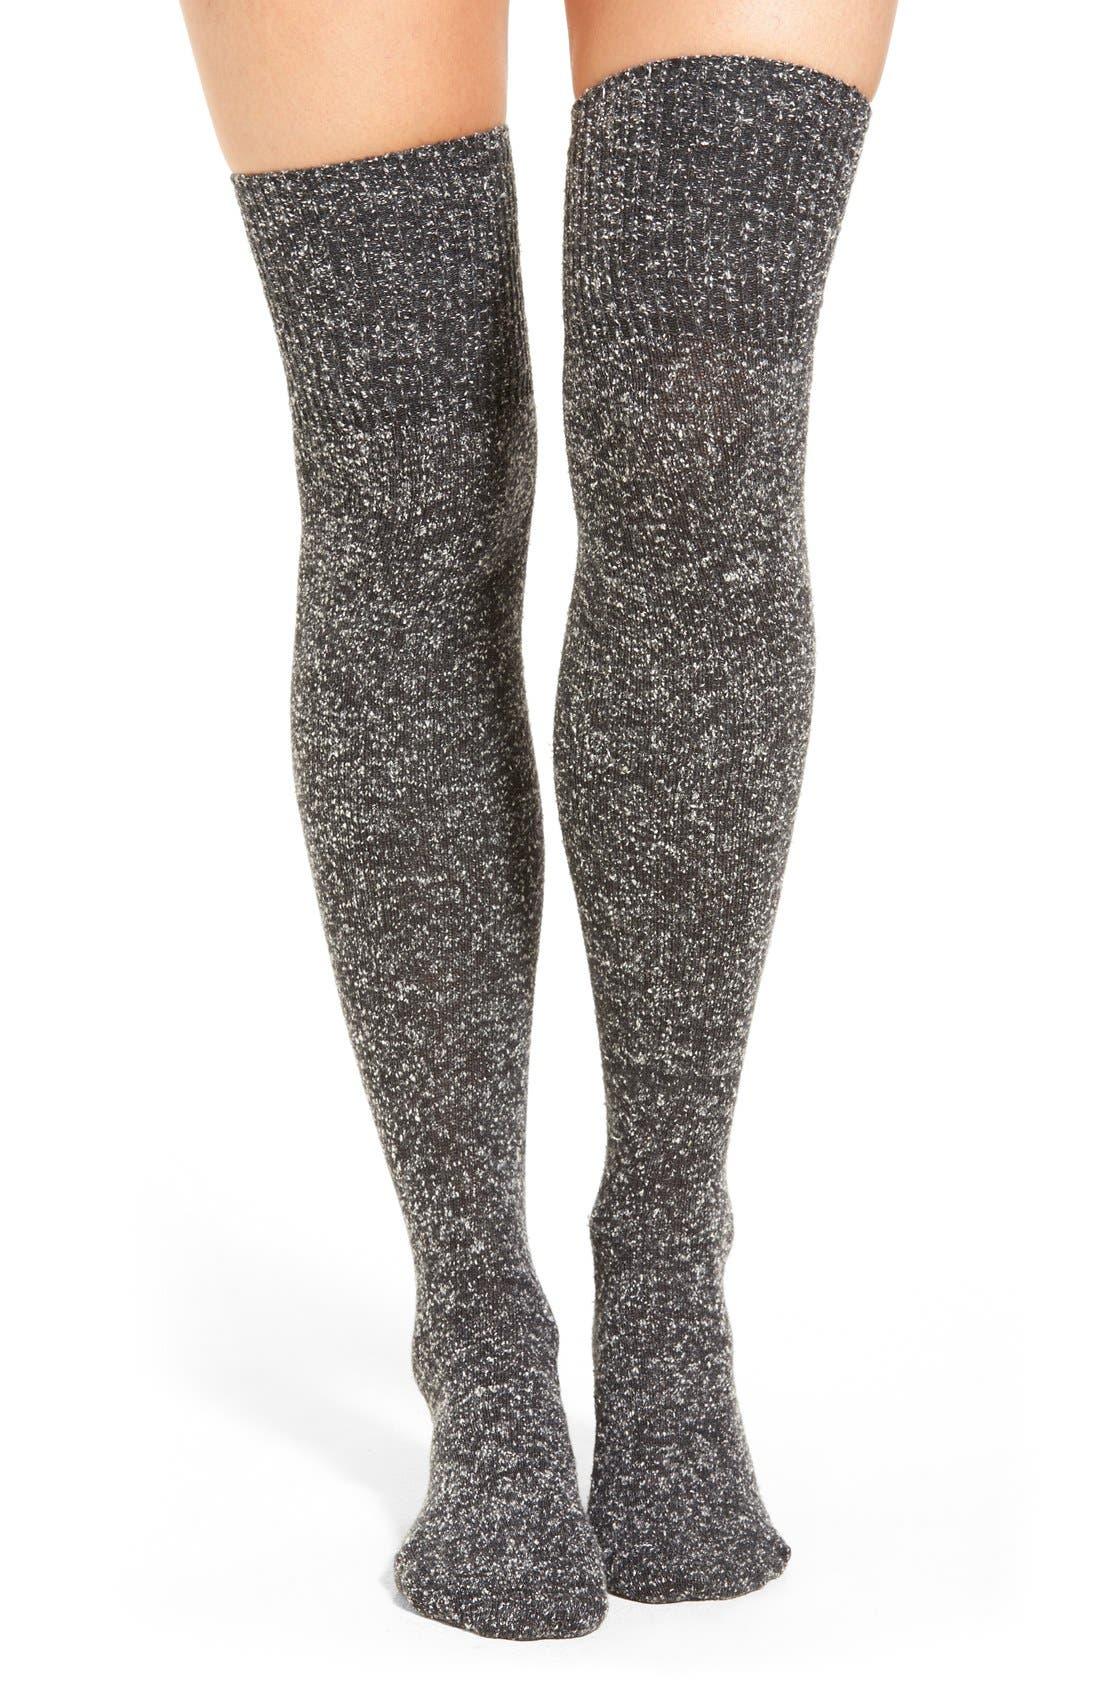 Alternate Image 1 Selected - Lemon 'Snowfall Tweed' Over the Knee Socks